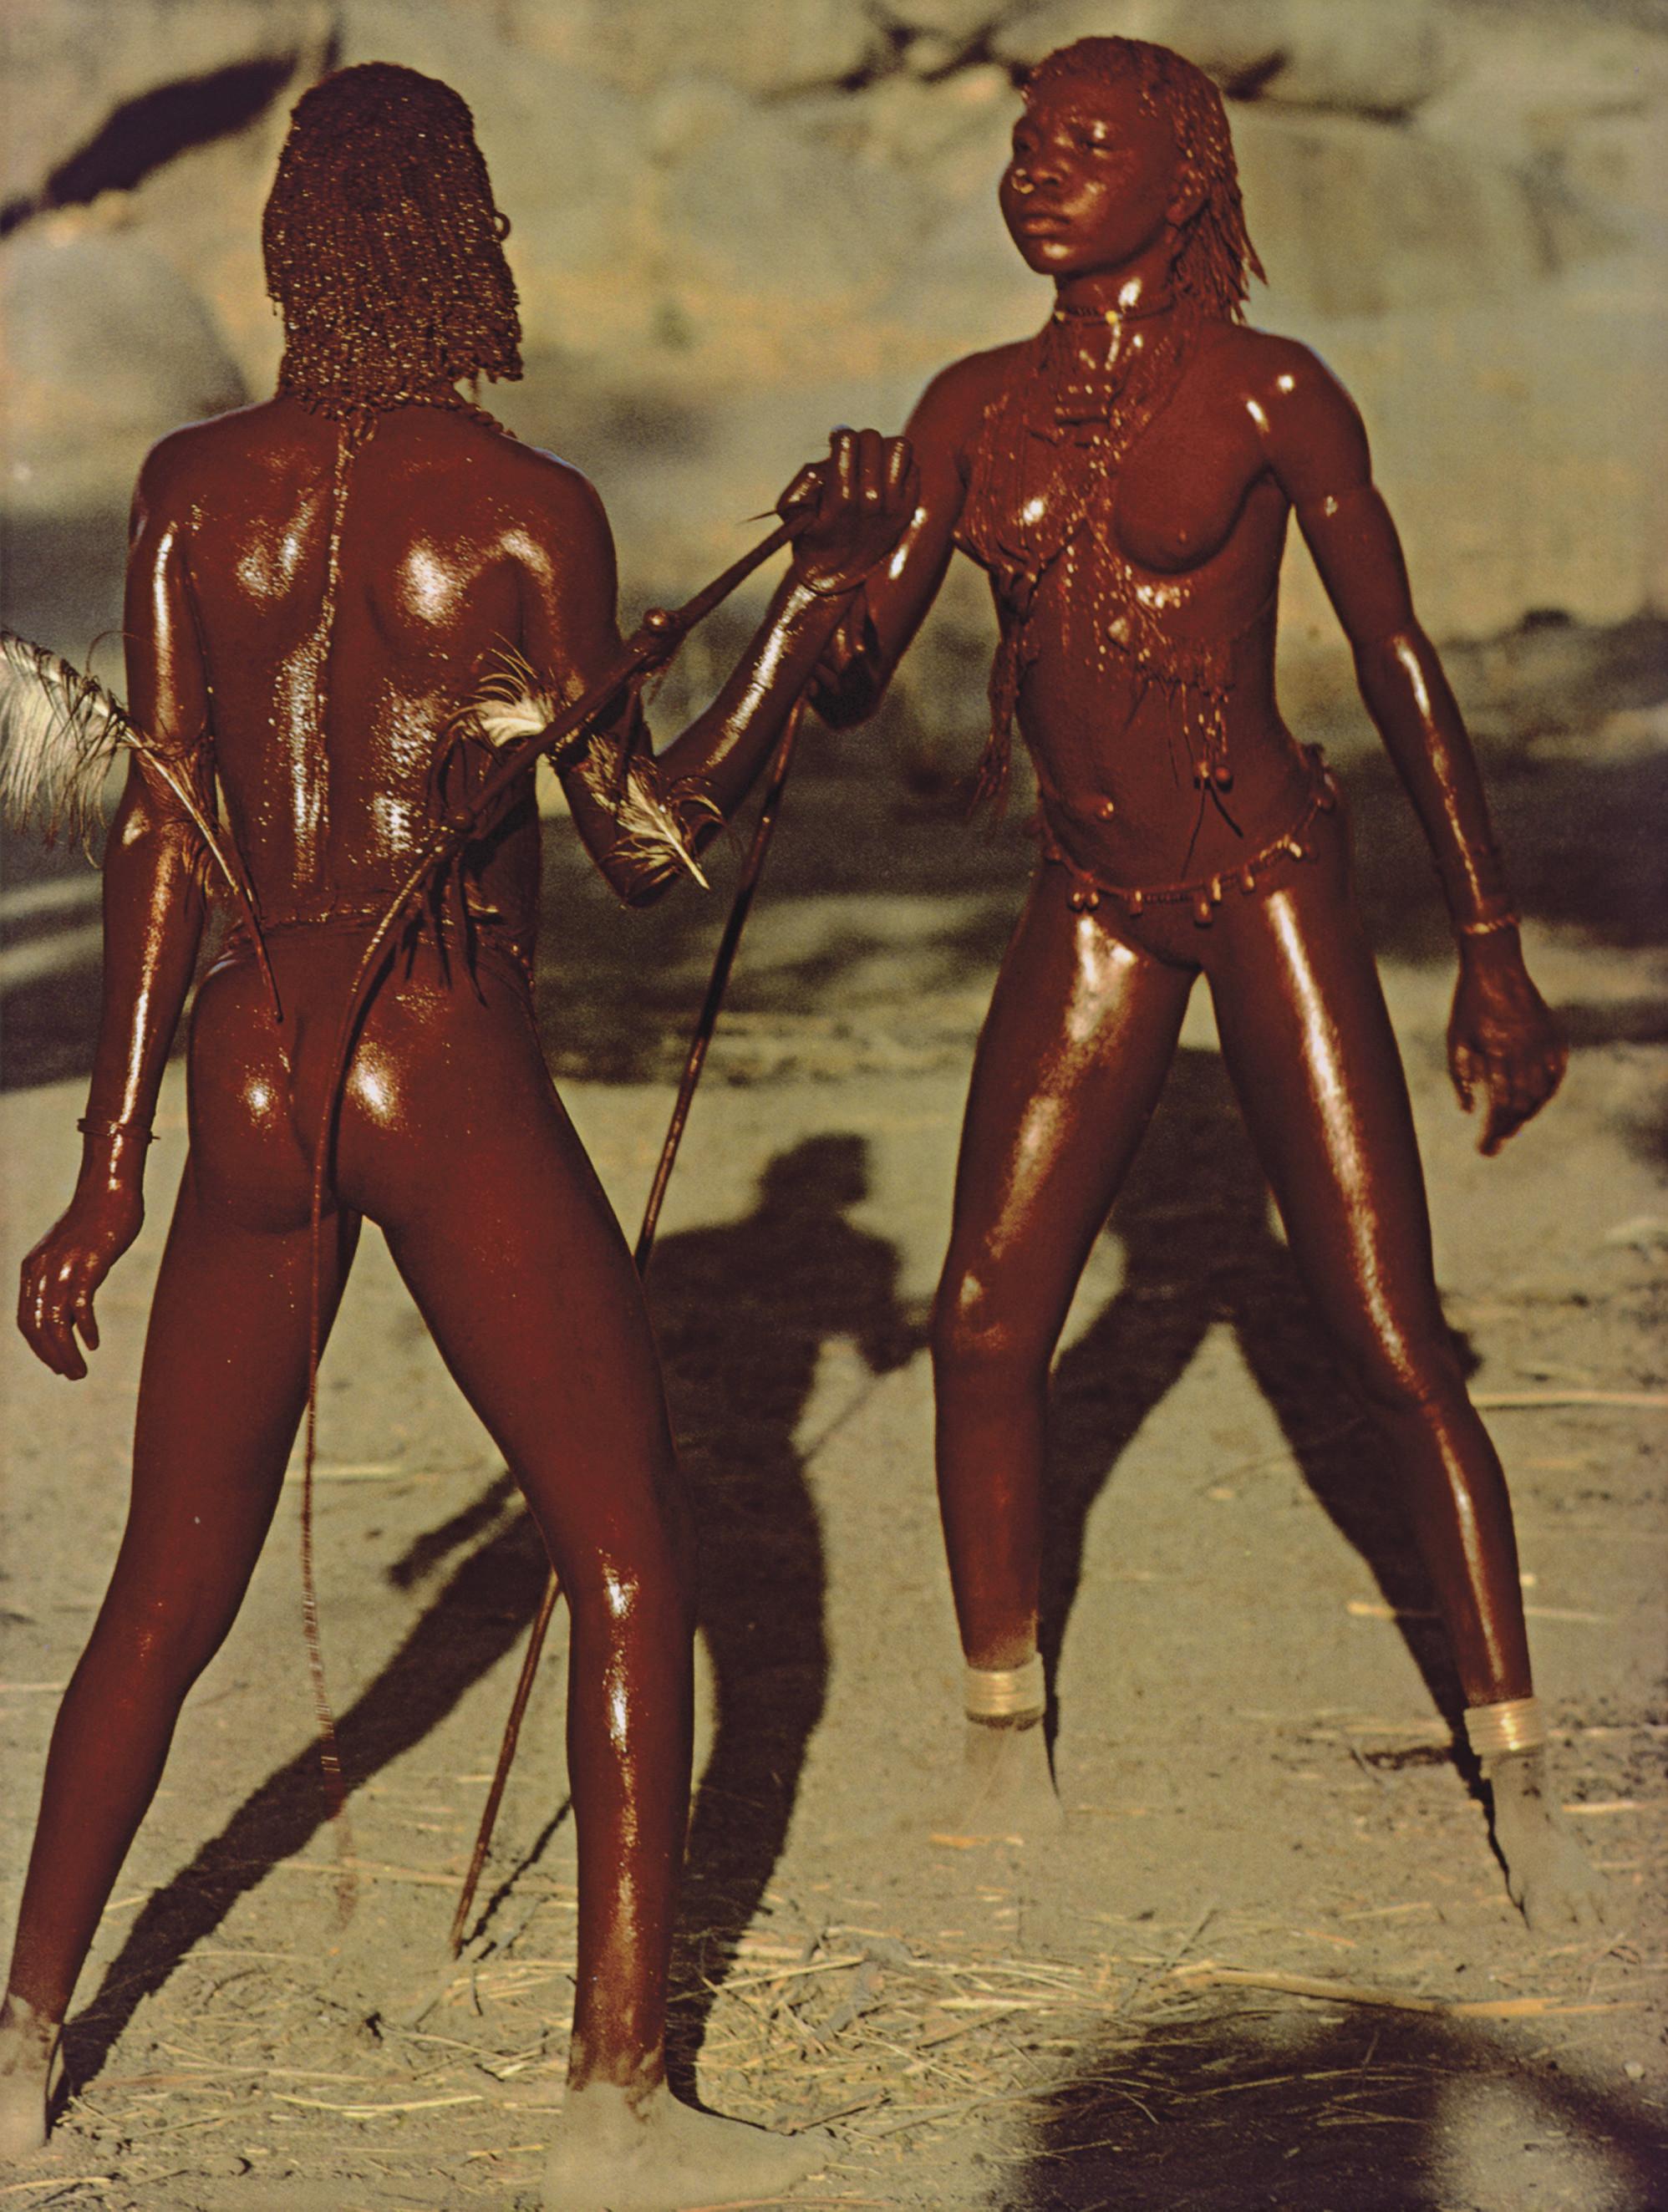 Die Roten Tänzerinnen, 1975